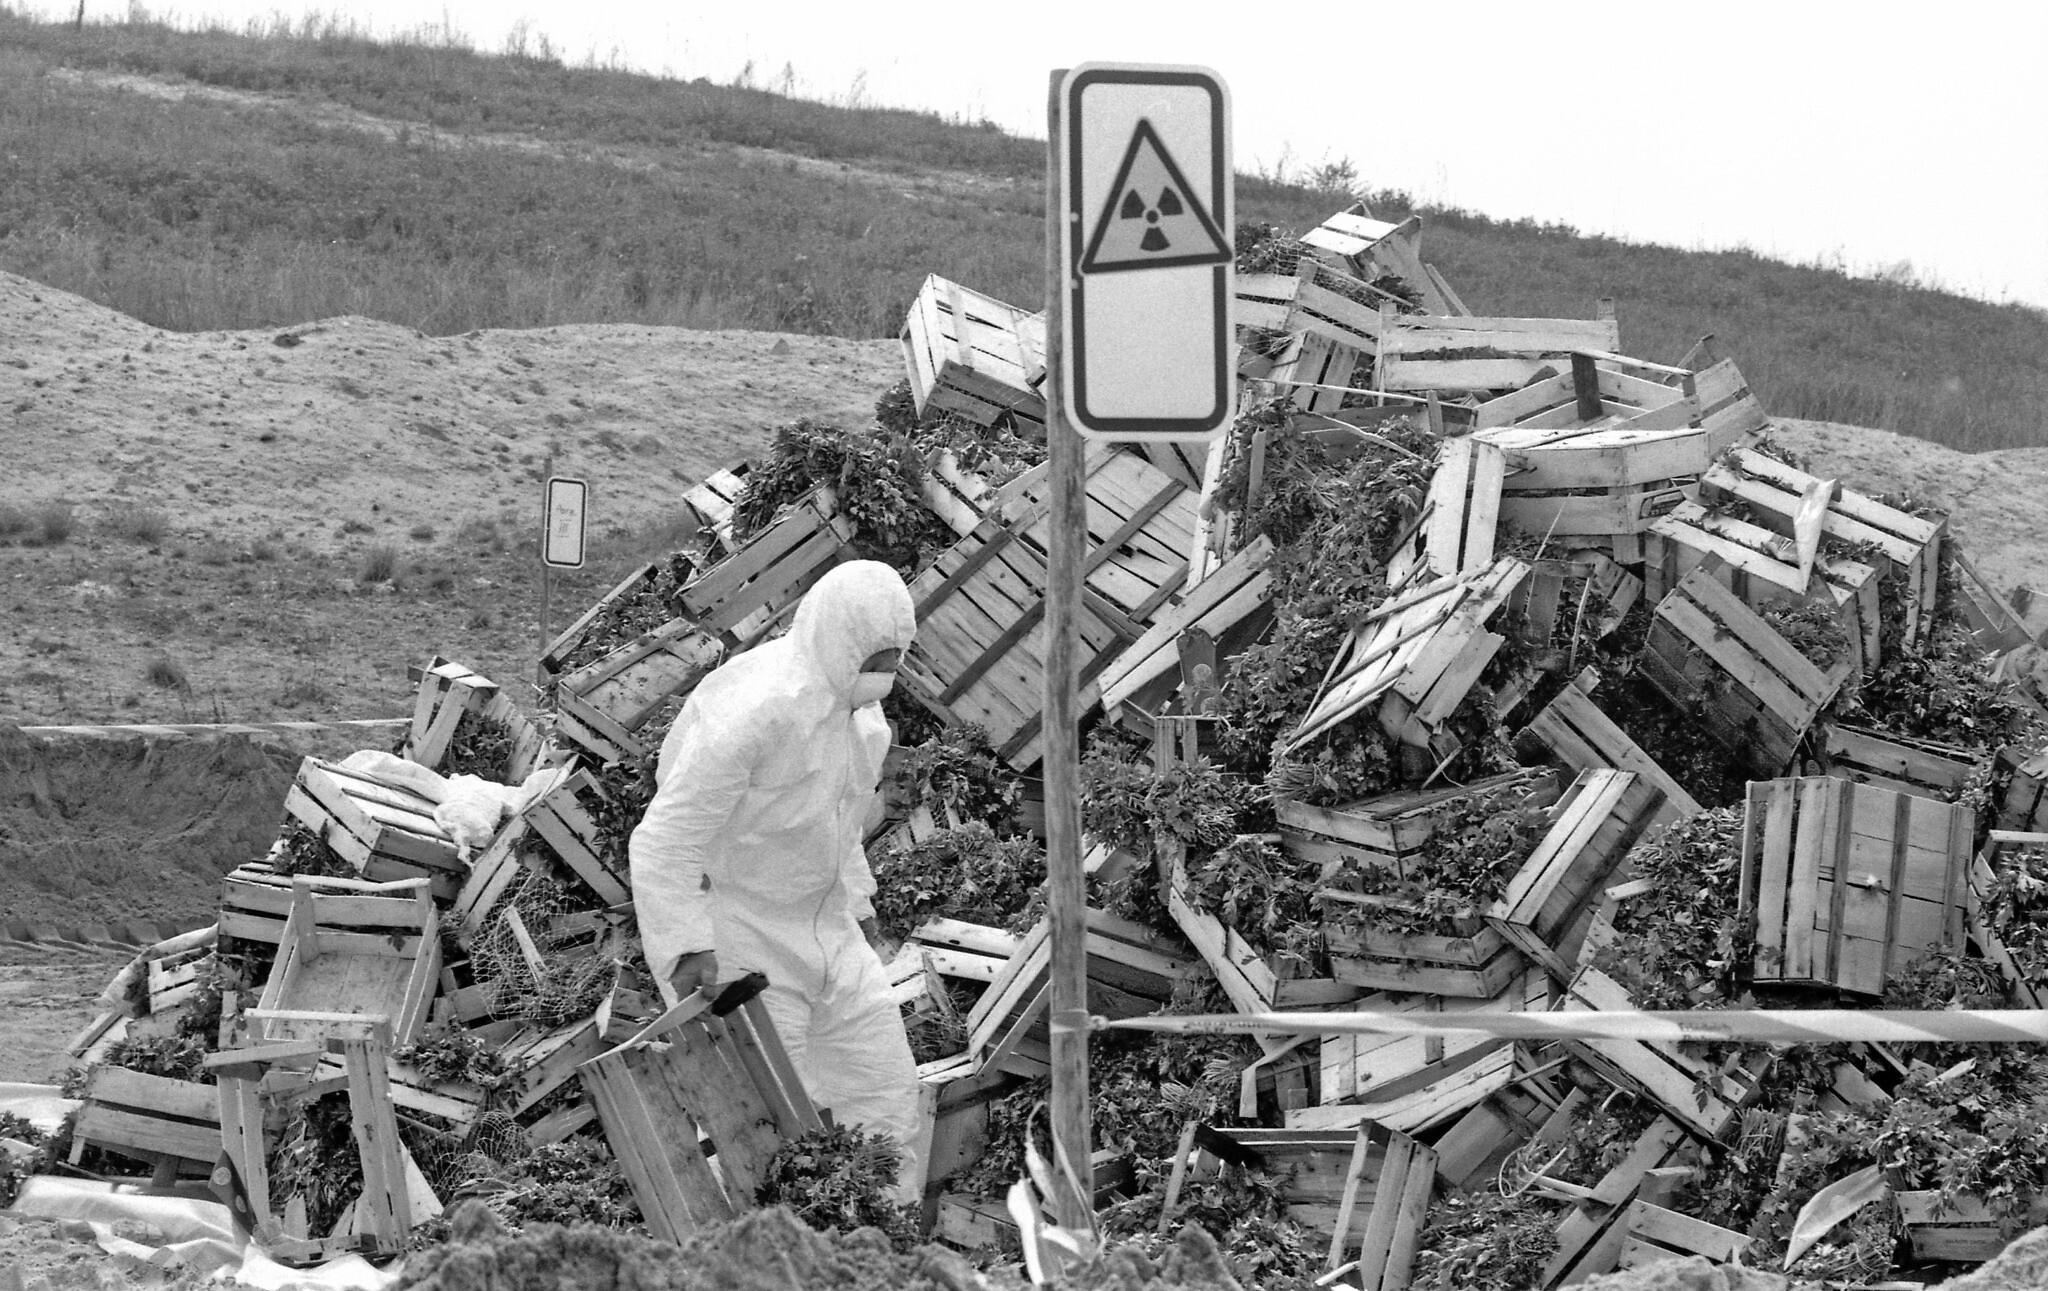 Un travailleur en habit de protection jette des cagettes de légumes contaminées dans une décharge de  Berlin-Wannsee, quelques jours après la catastrophe de Tchernobyl, le 9 mai 1986. (Crédit : AP Photo/Rainer Klostermeier/str)[